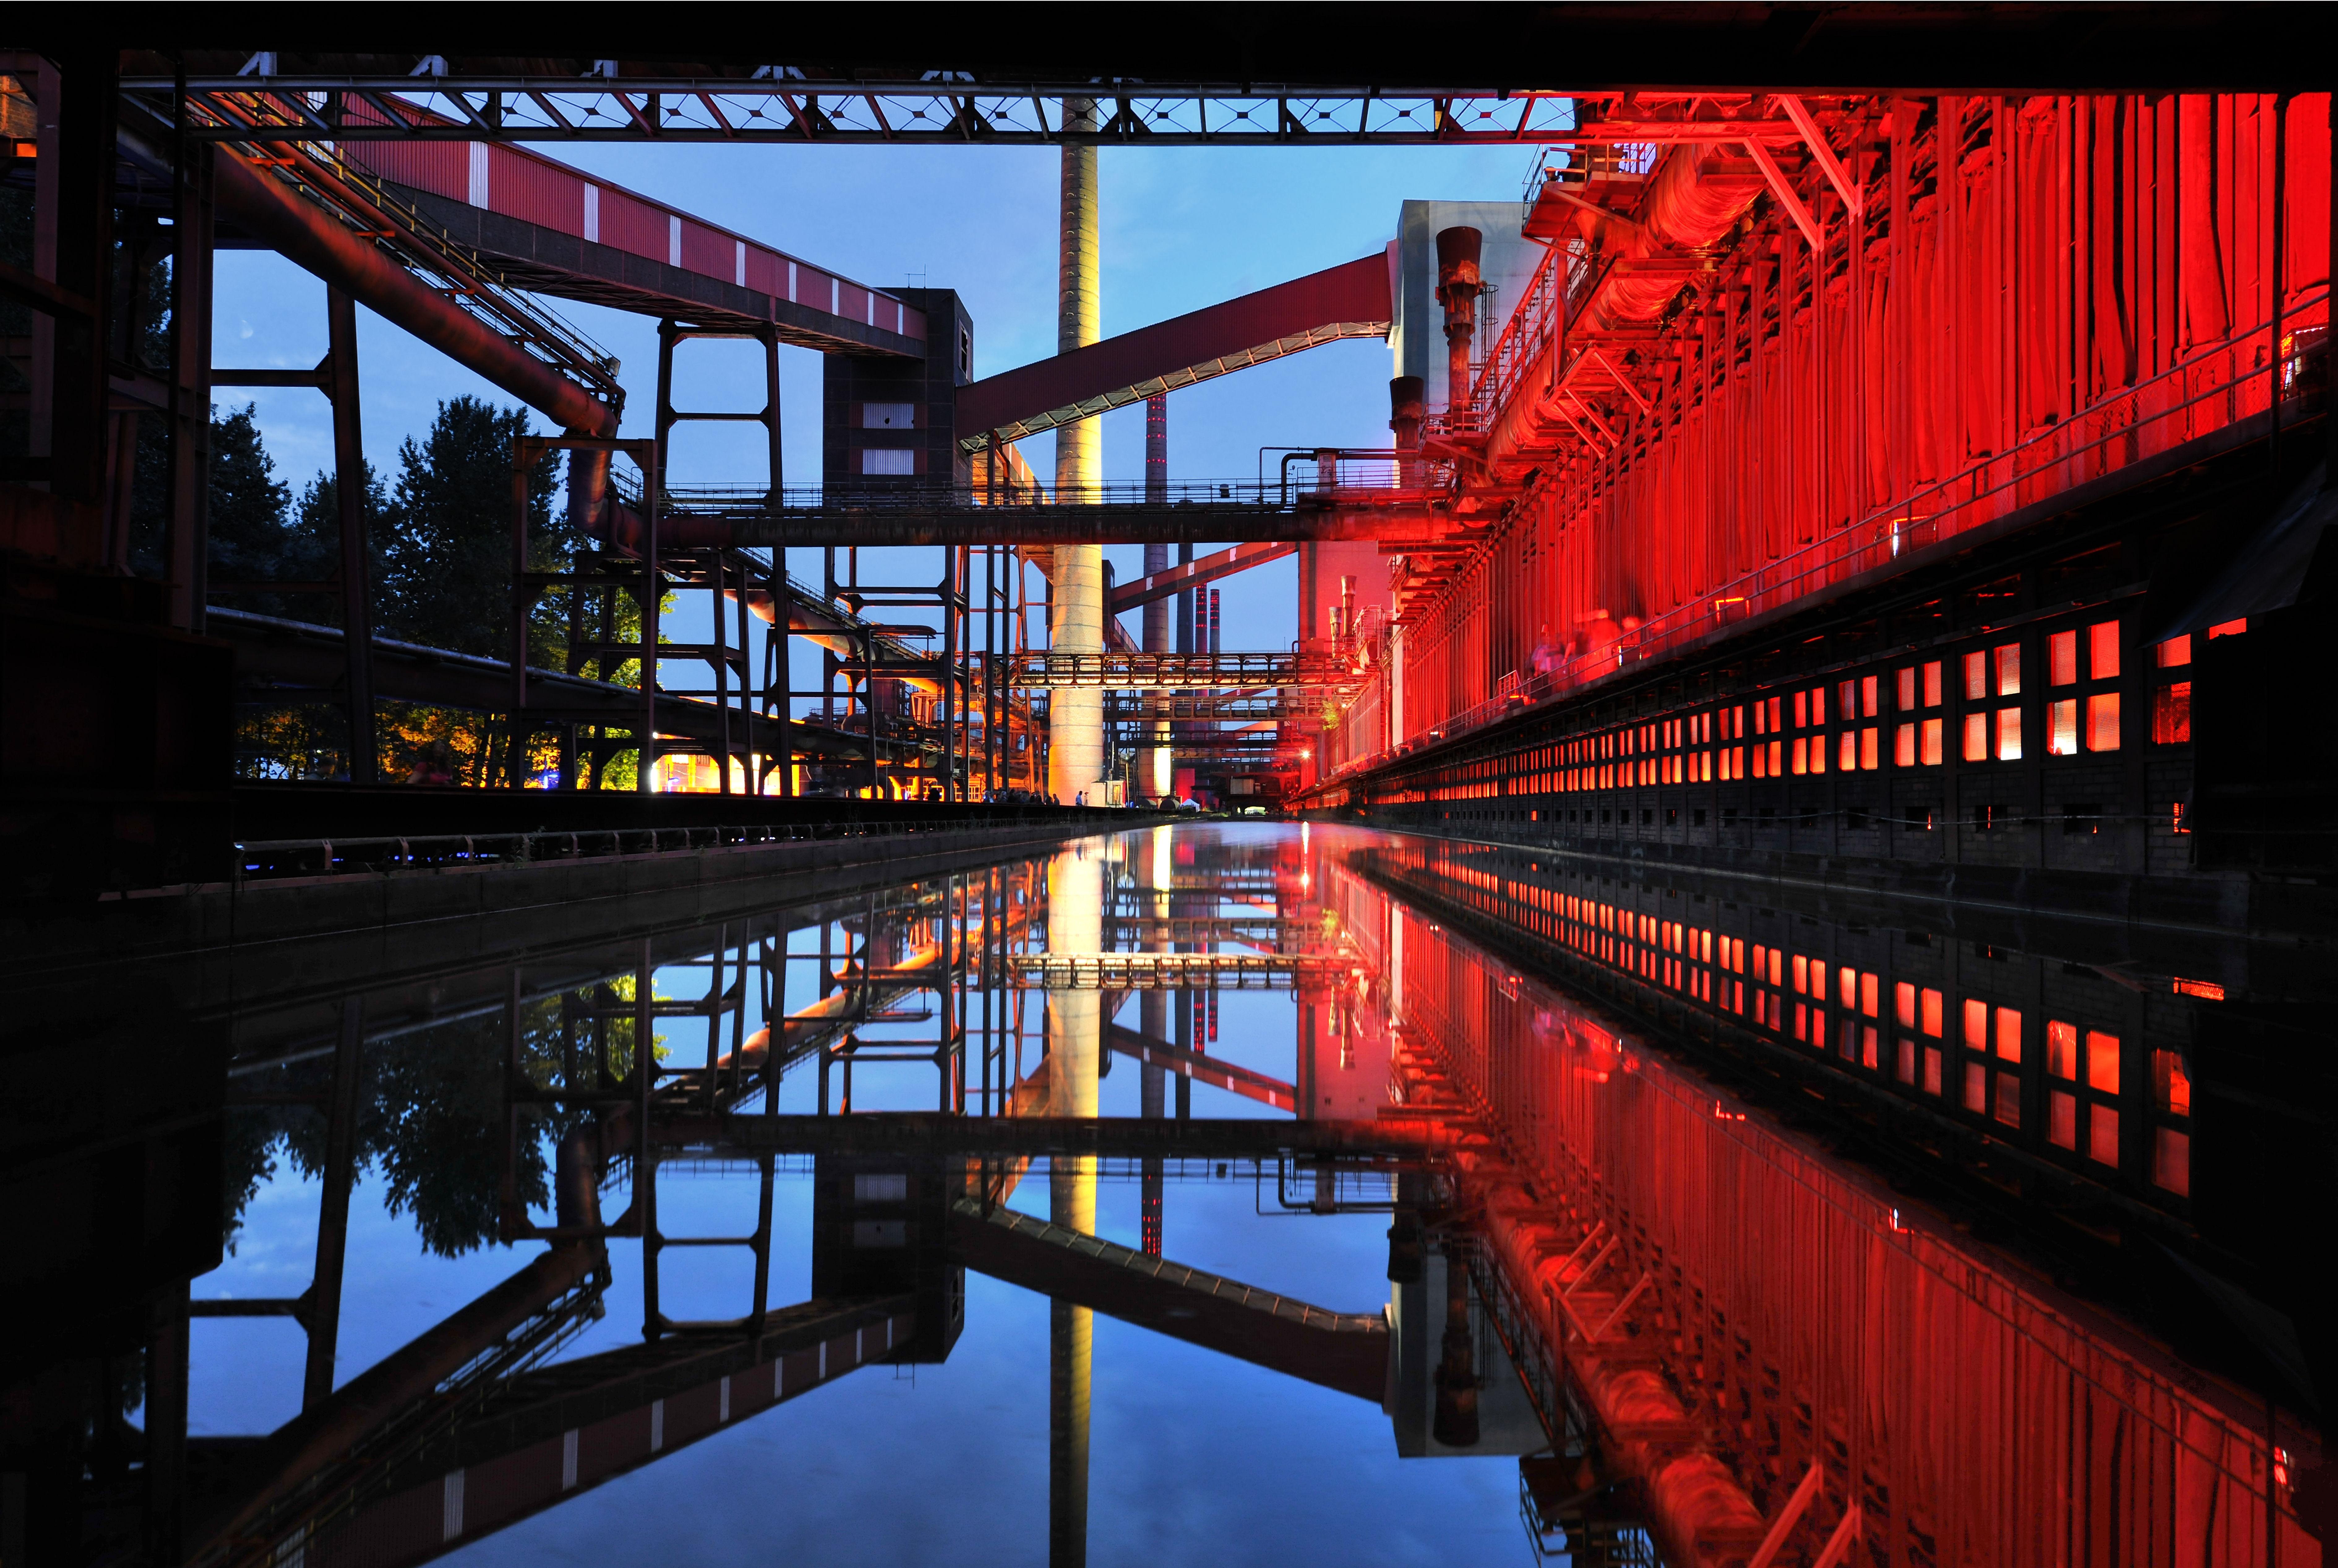 Koksofenbatterie der Kokerei Zollverein, Foto: Frank Vinken © Stiftung Zollverein